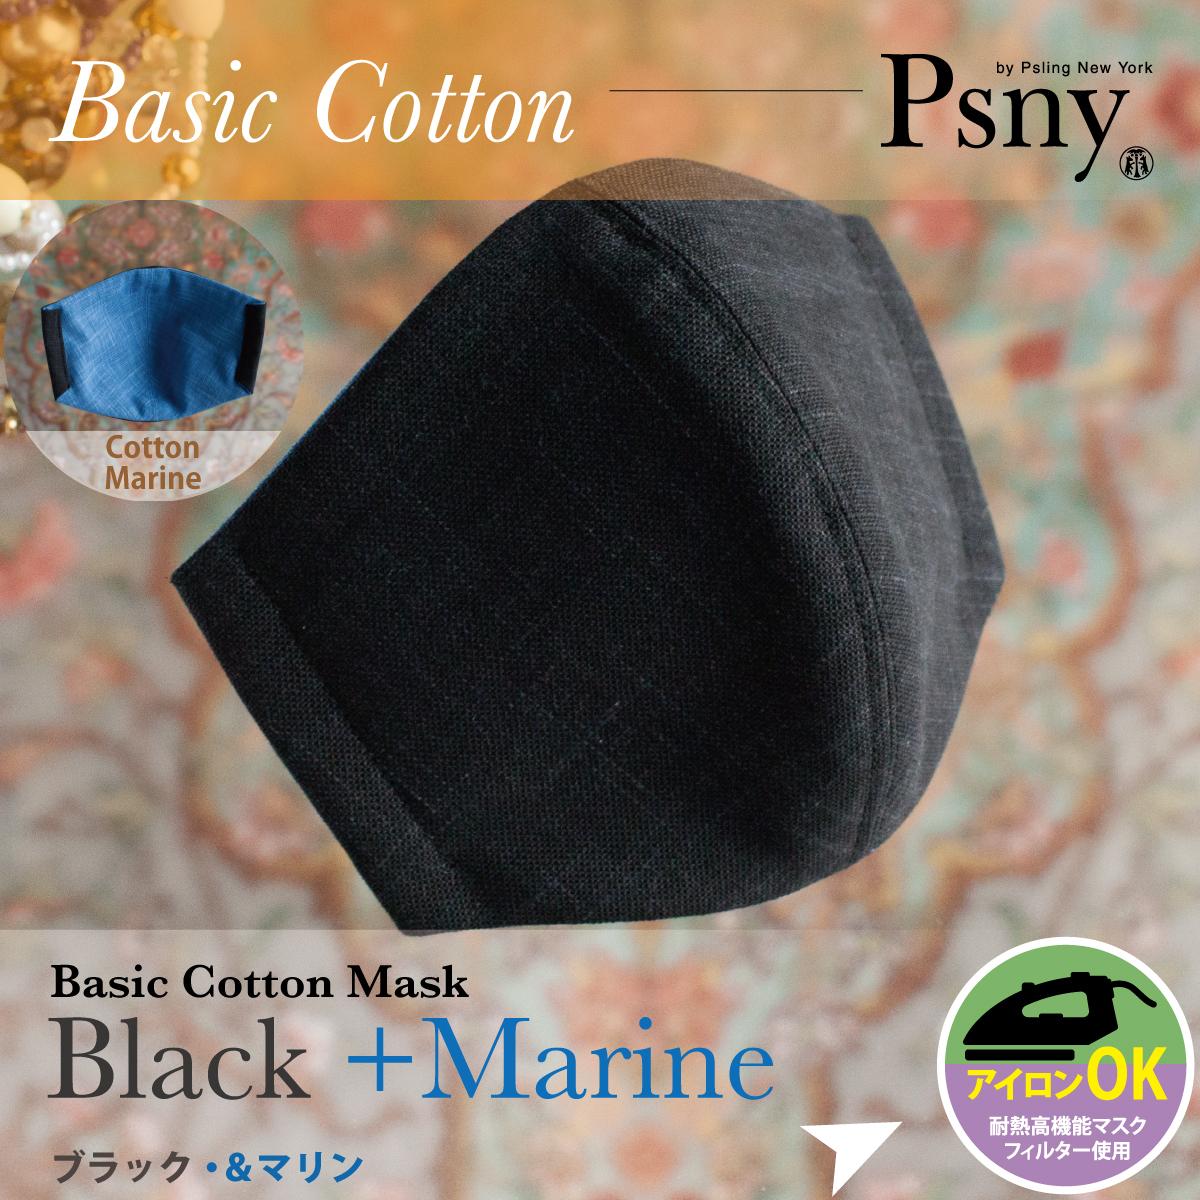 PSNY ベーシック コットン・ブラック&マリン 花粉 黄砂 洗える不織布フィルター入り 立体 大人用 マスク 送料無料 CB3